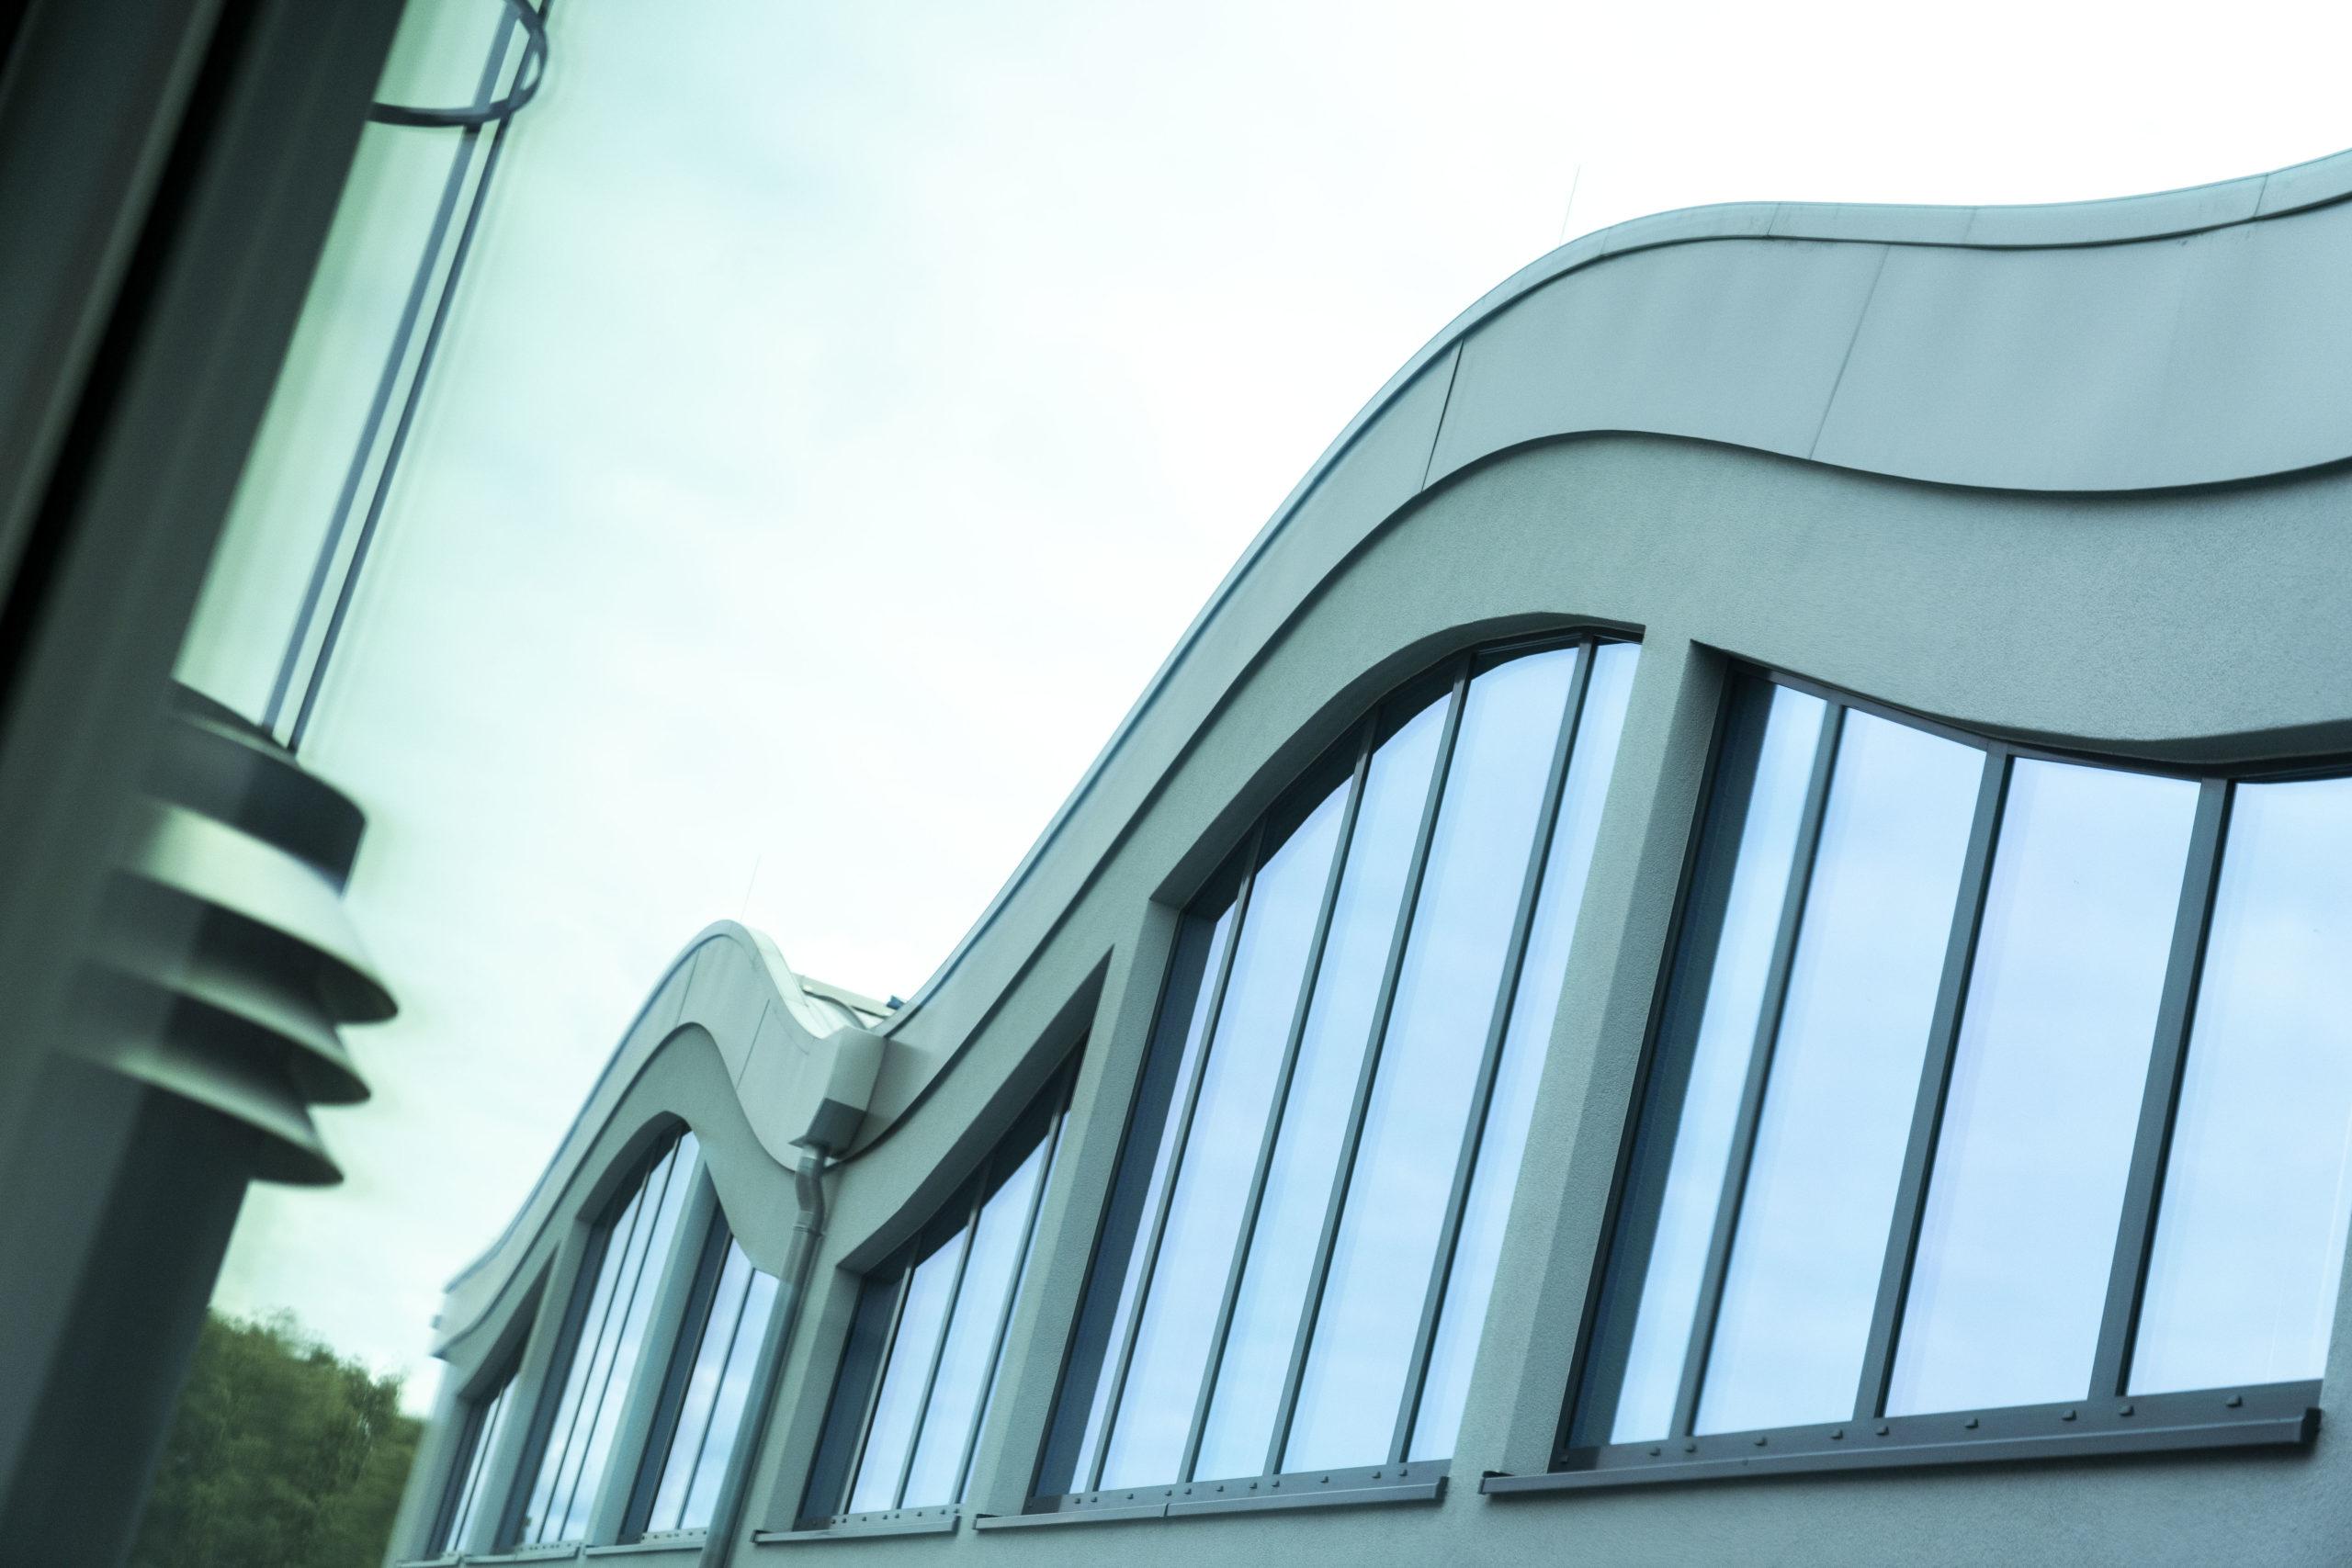 Das wellenförmige Dach der LIRA service GmbH in Paderborn